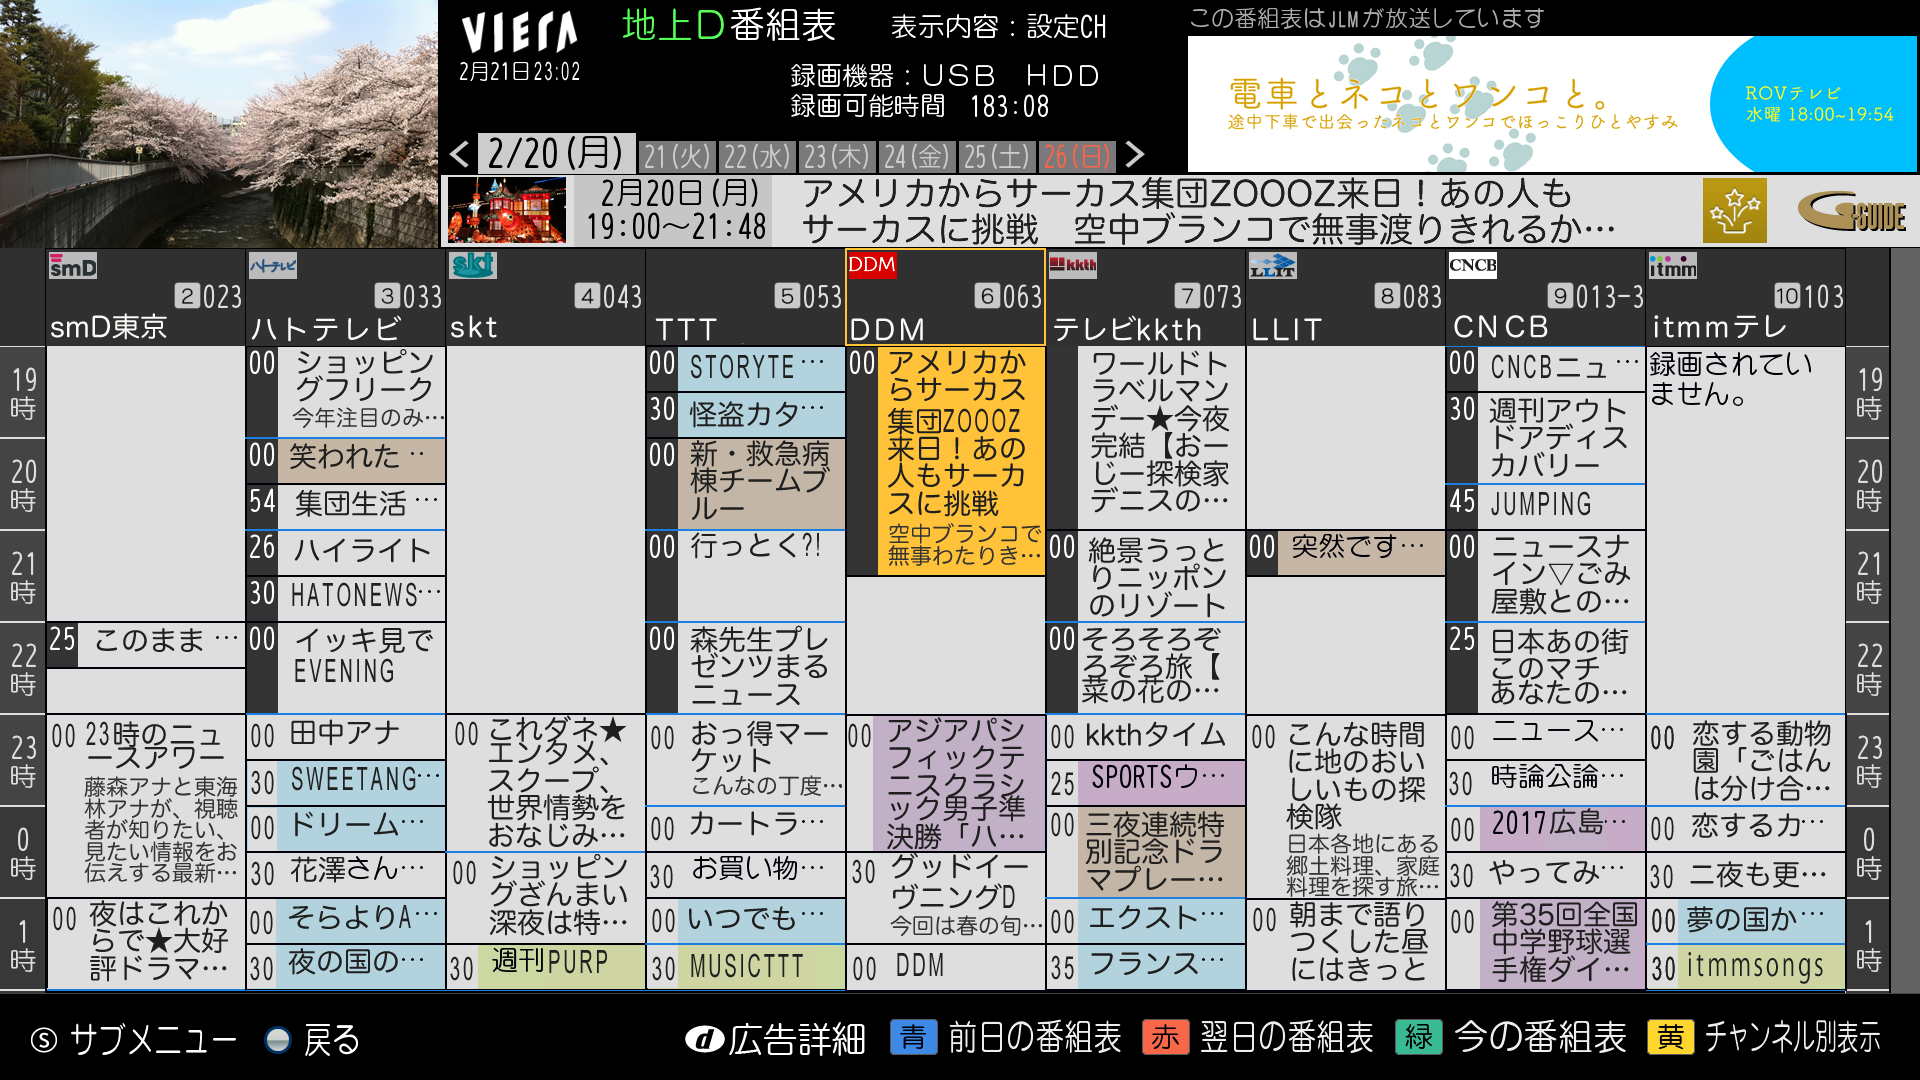 テレビ 大阪 番組 表 の